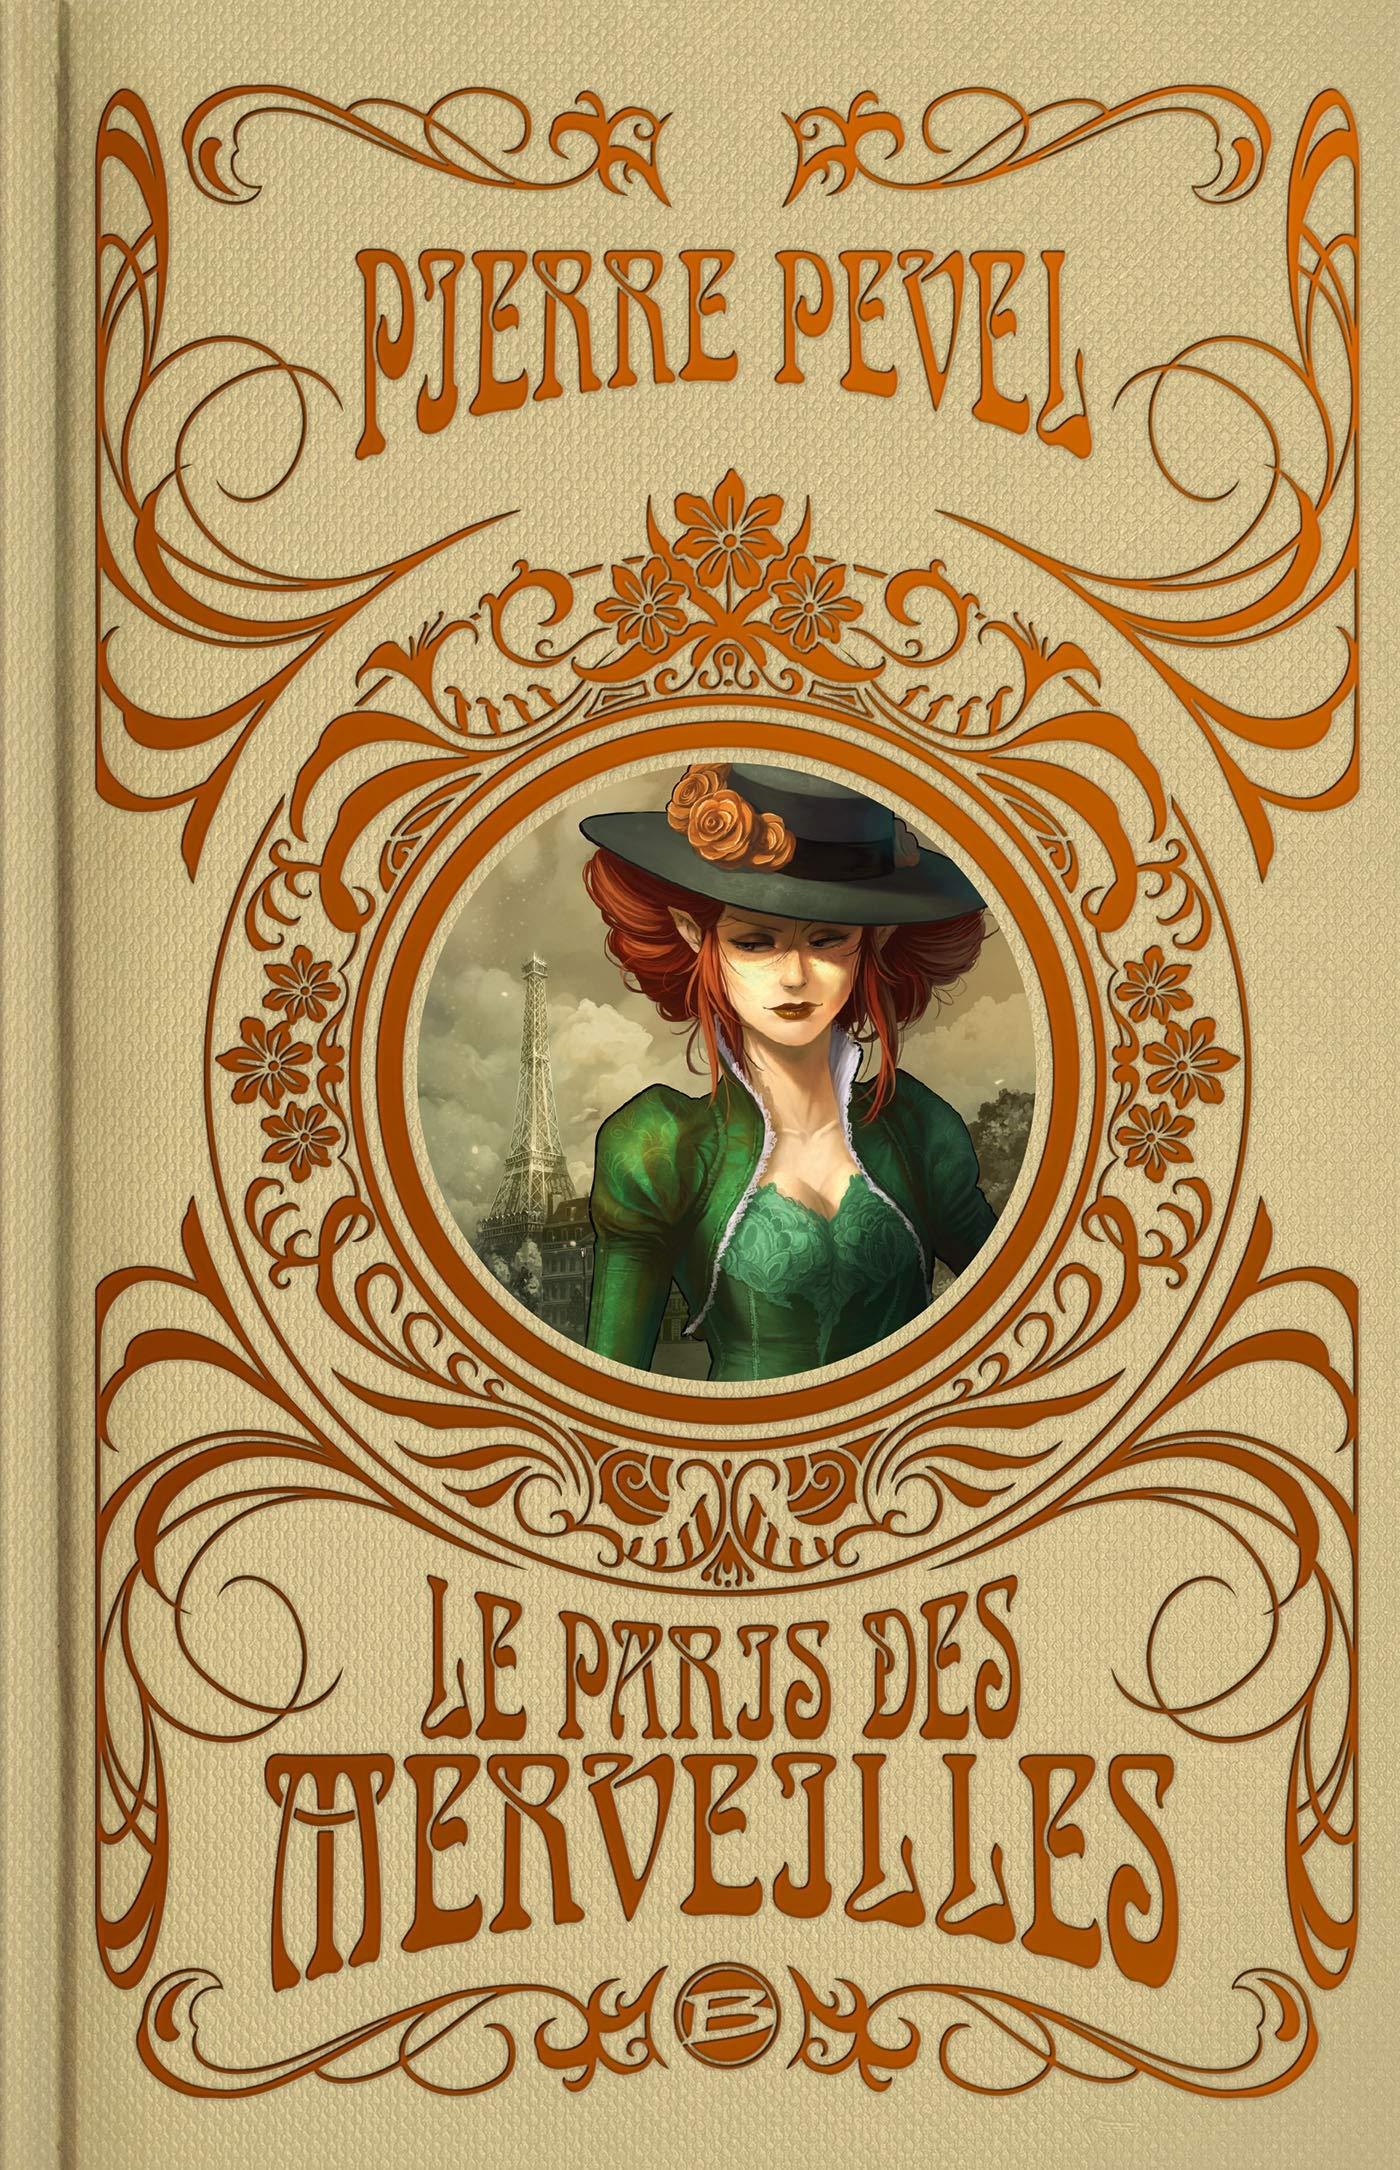 Le Paris des Merveilles - L'intégrale, éd. Super Collector Broché – 21 novembre 2018 Pierre Pevel Bragelonne B07HGH9SX9 Fantasy